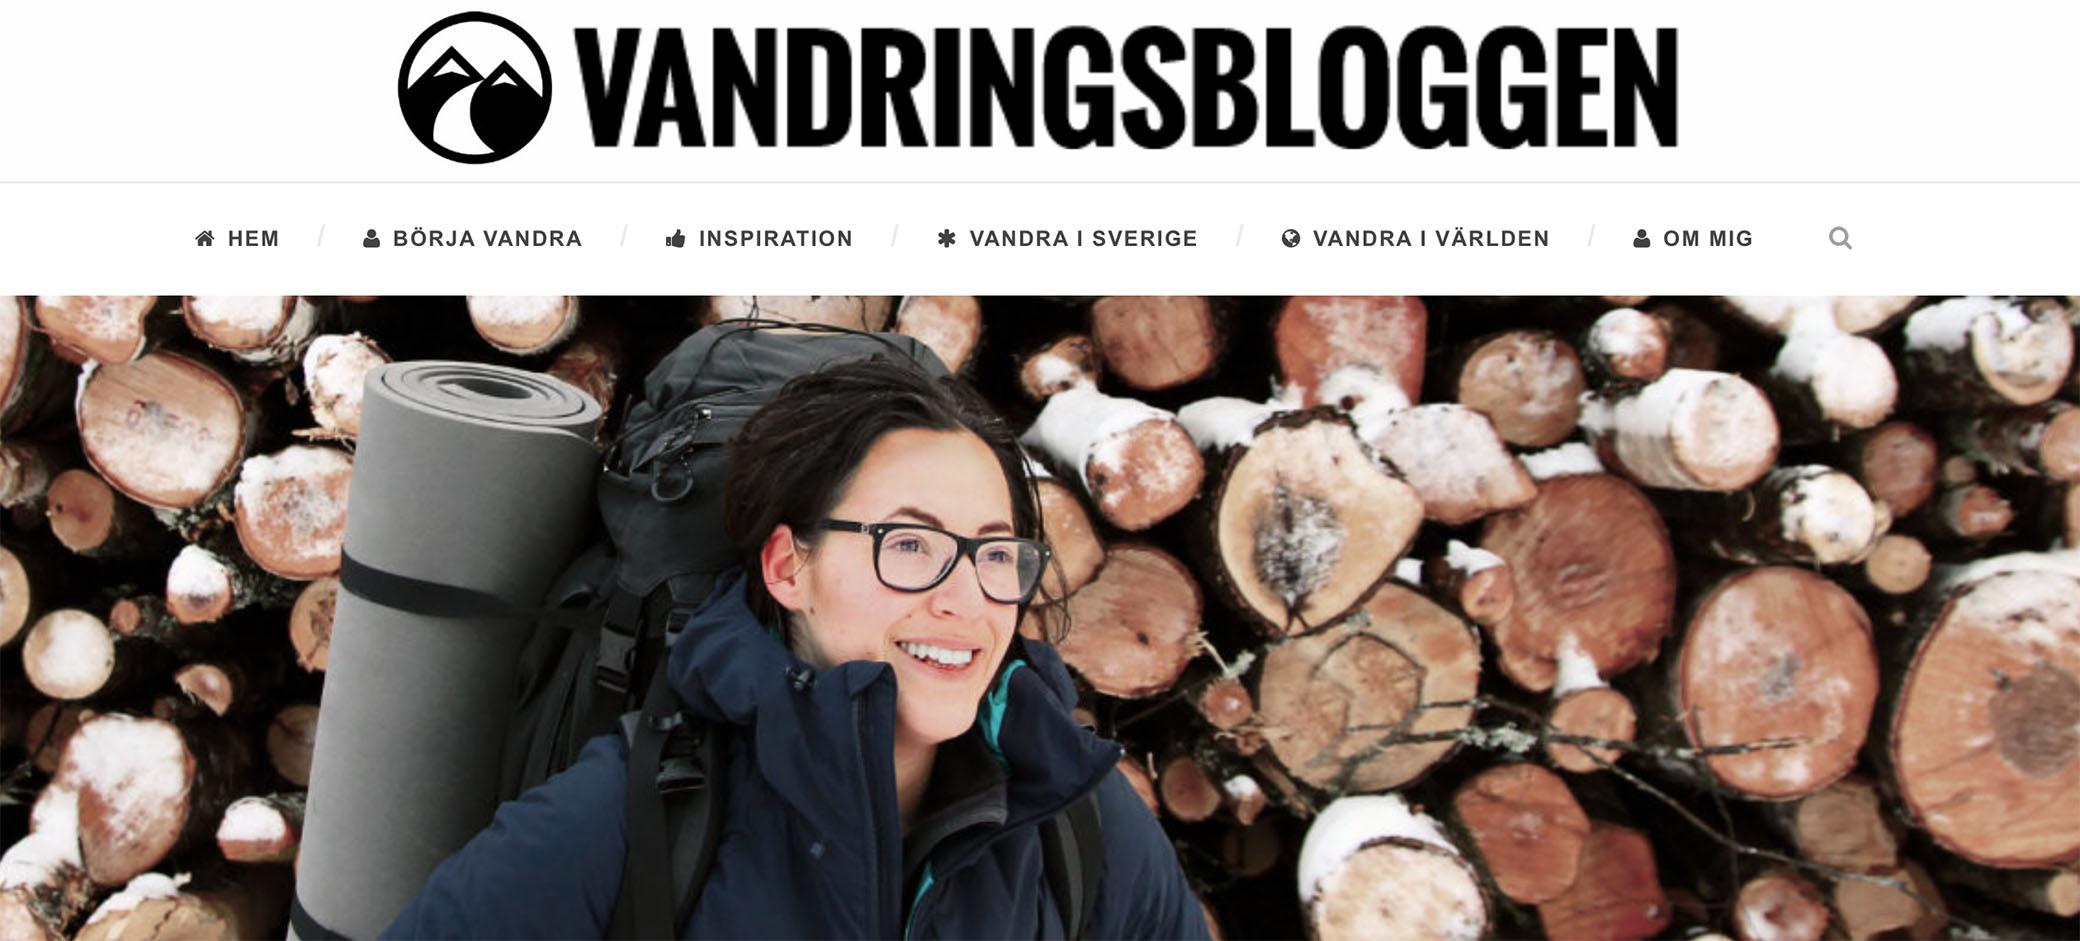 vandringsbloggen